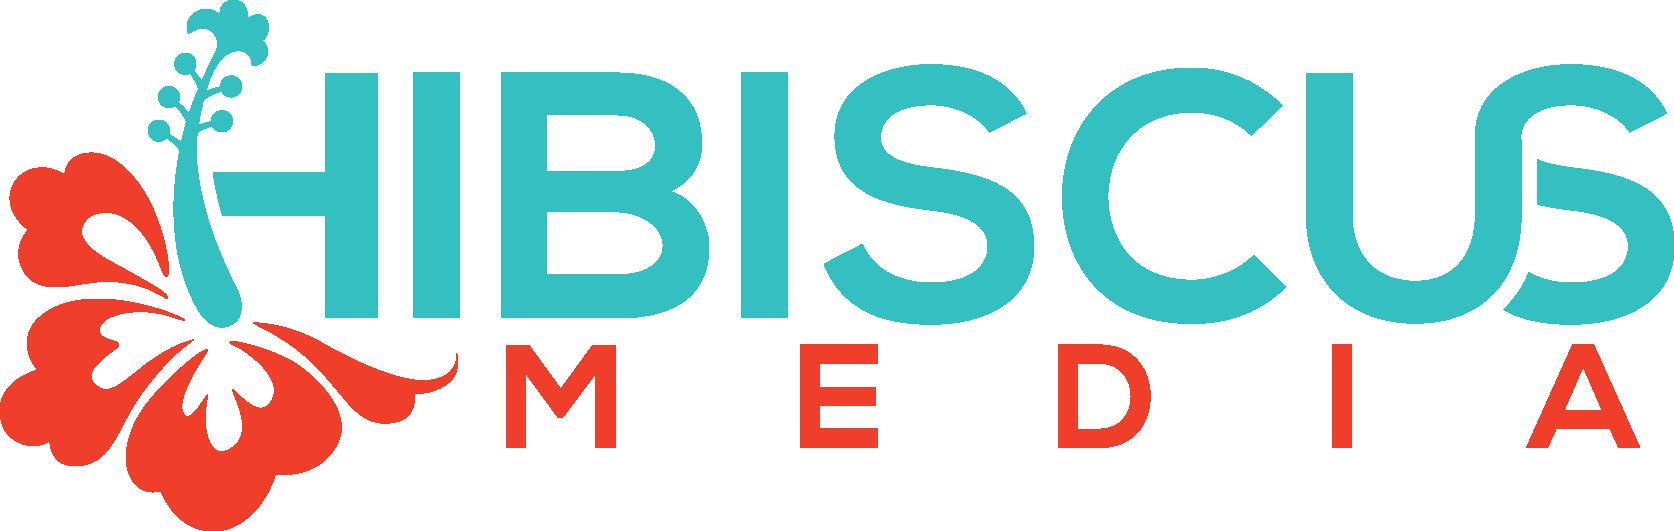 Hibiscus Media